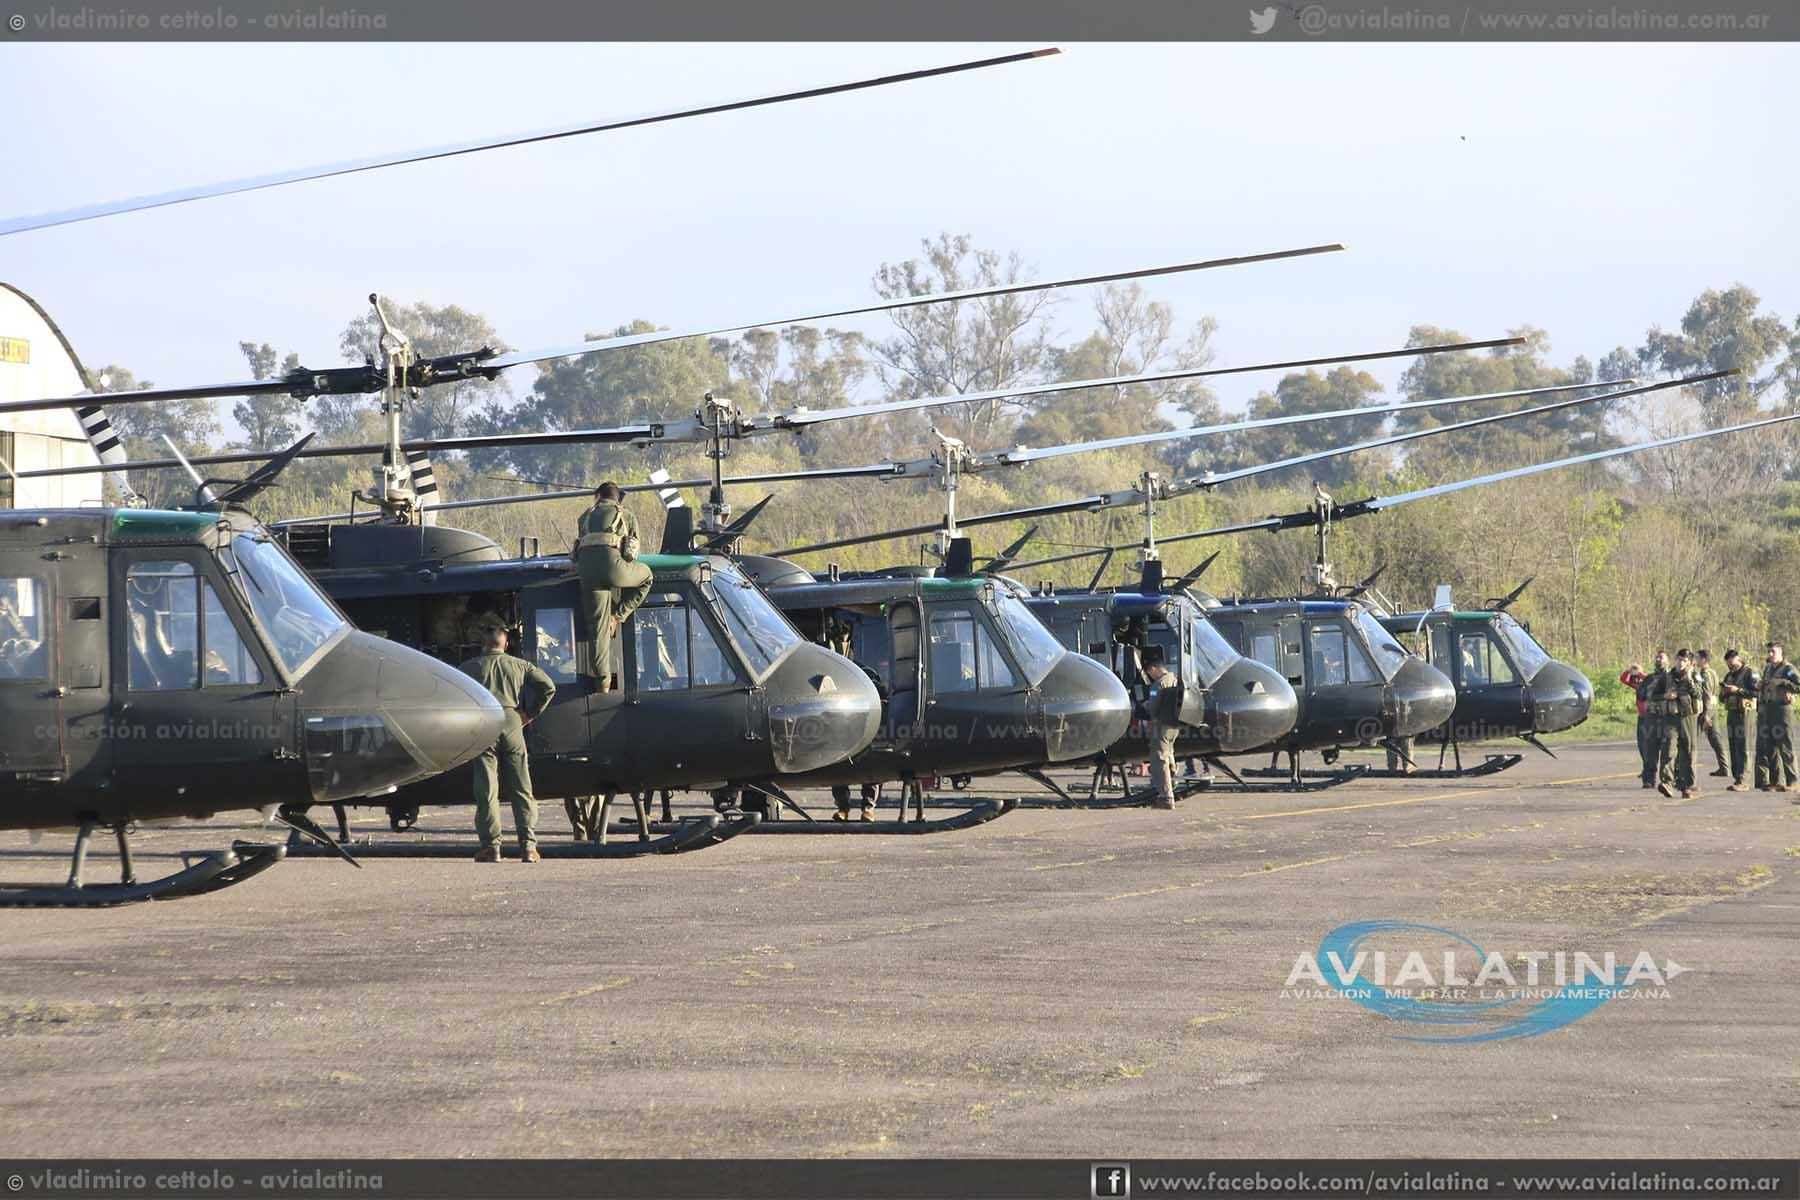 La Aviación de Ejército participa del Ejercicio General Arias